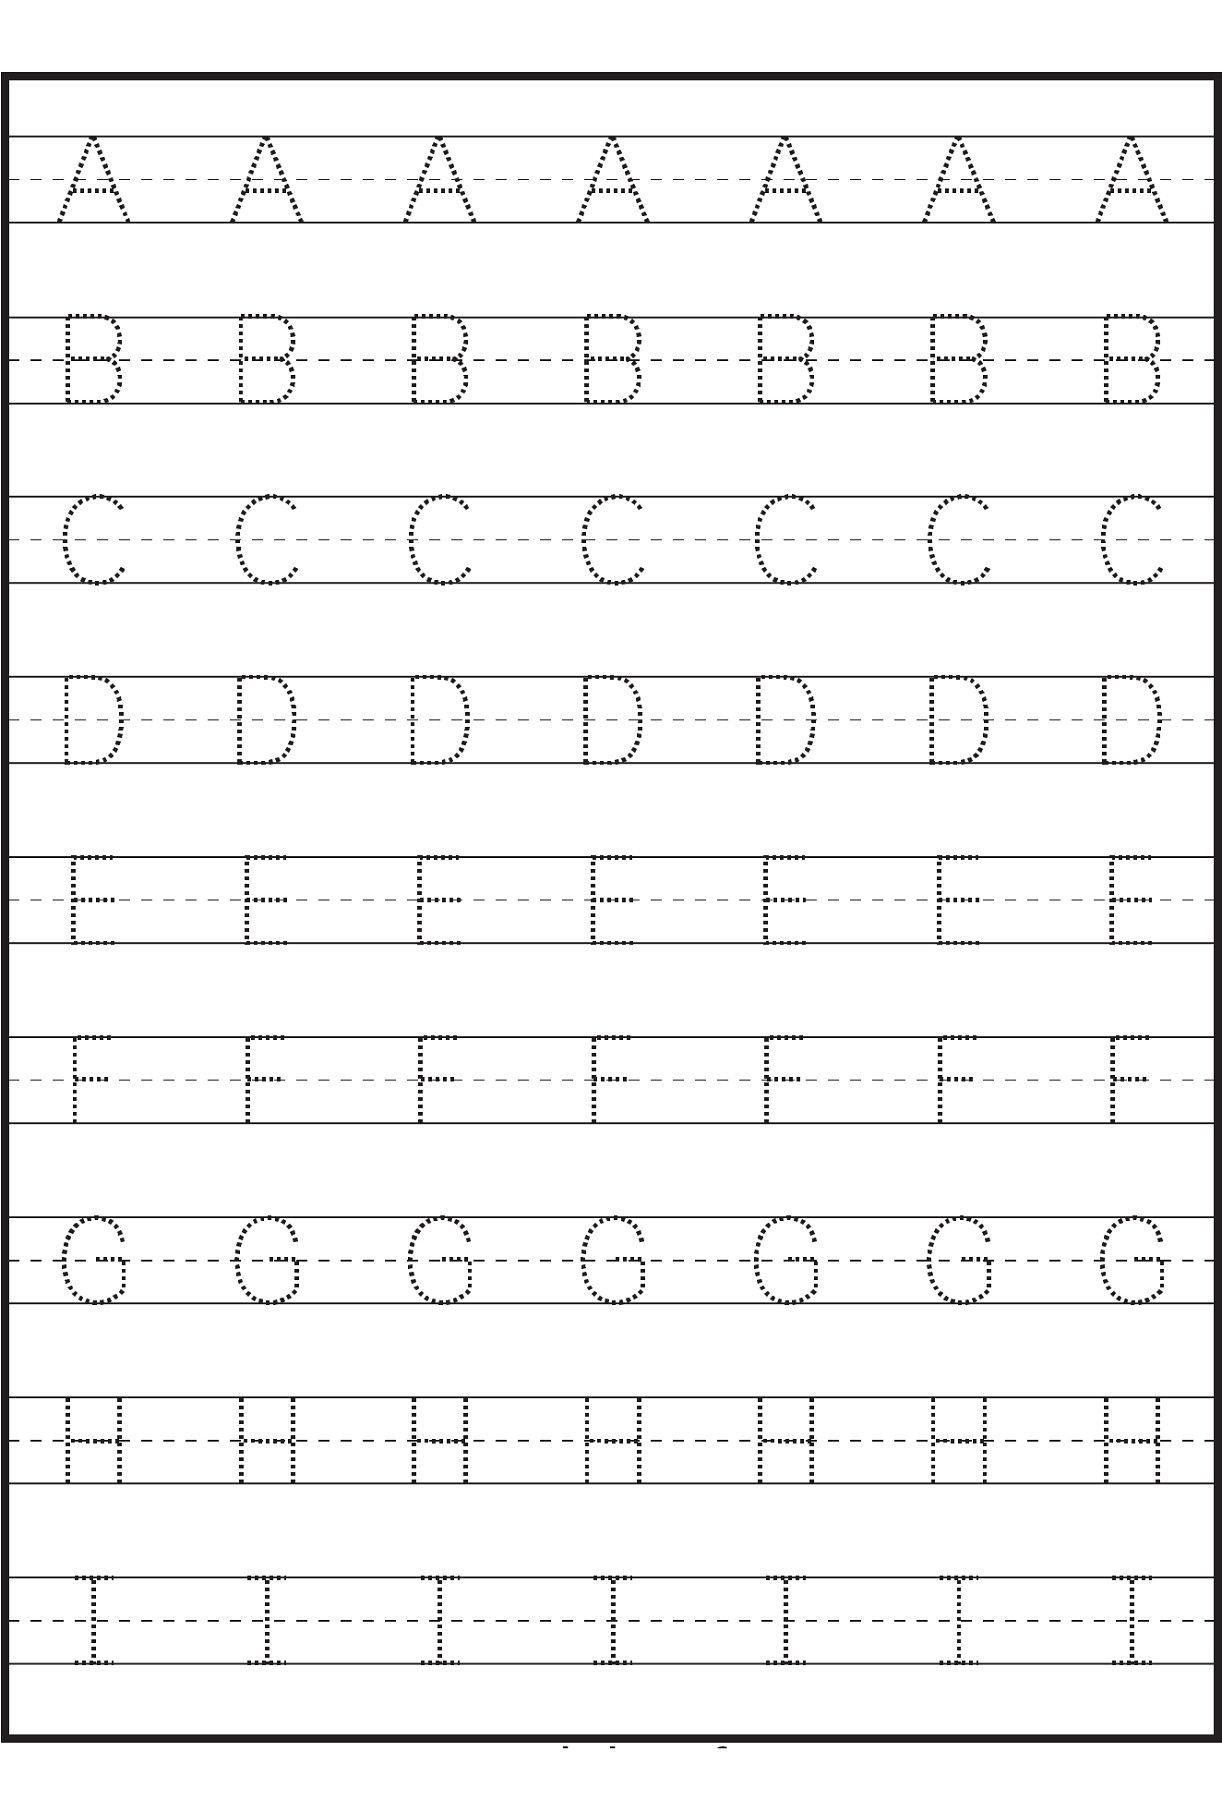 2 Urdu Alphabet Tracing Worksheets Letter Tracing Sheets Printable Alphabet Tracing Worksheets Letter Tracing Worksheets Abc Worksheets [ 1800 x 1222 Pixel ]